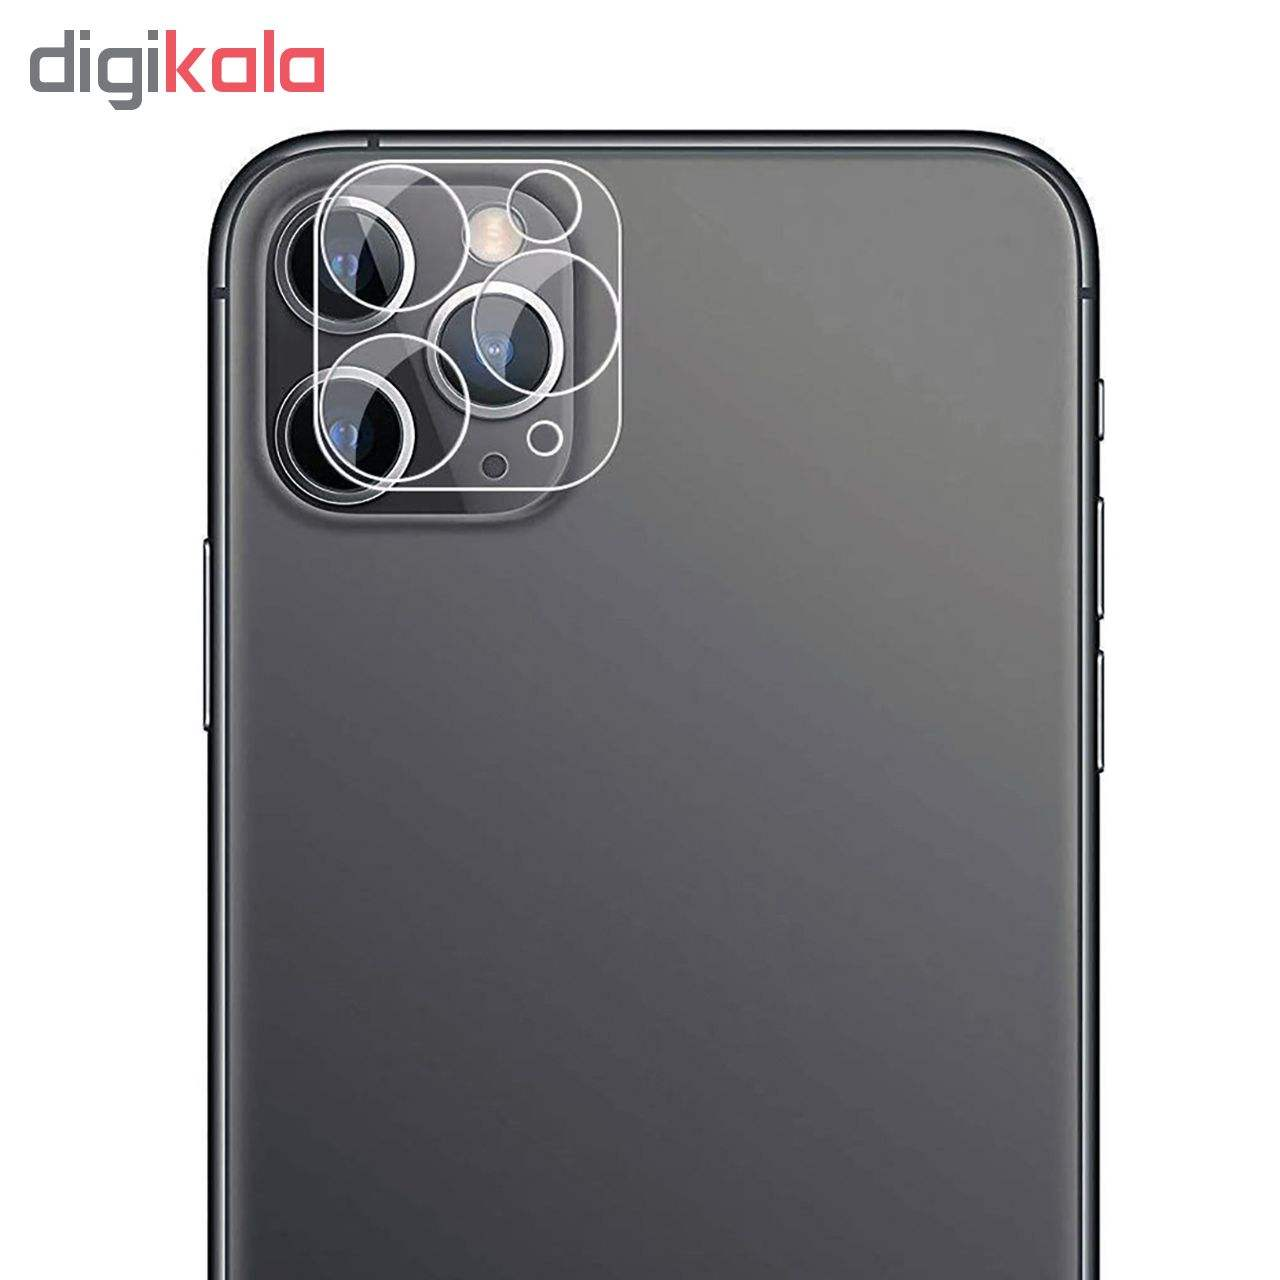 محافظ لنز دوربین مدل TC-11 مناسب برای گوشی موبایل اپل iPhone 11 Pro max main 1 4